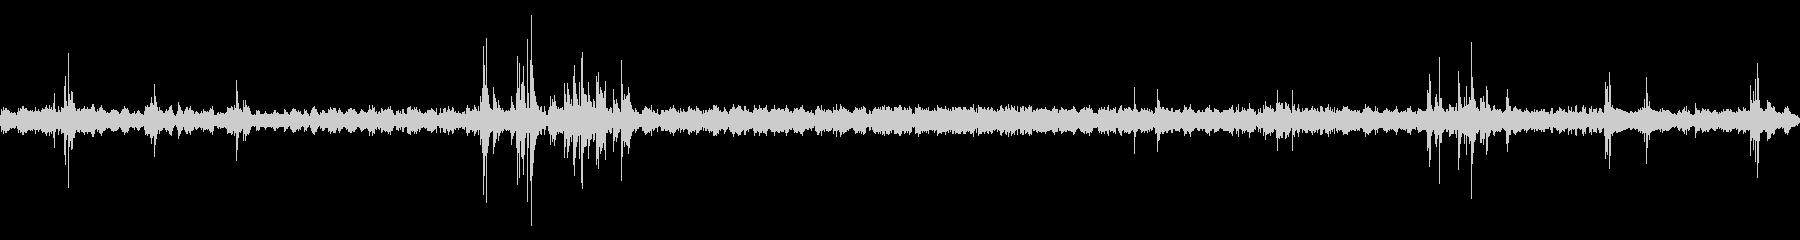 夏の深夜の風鈴と蛙と鳥と虫の音 02の未再生の波形